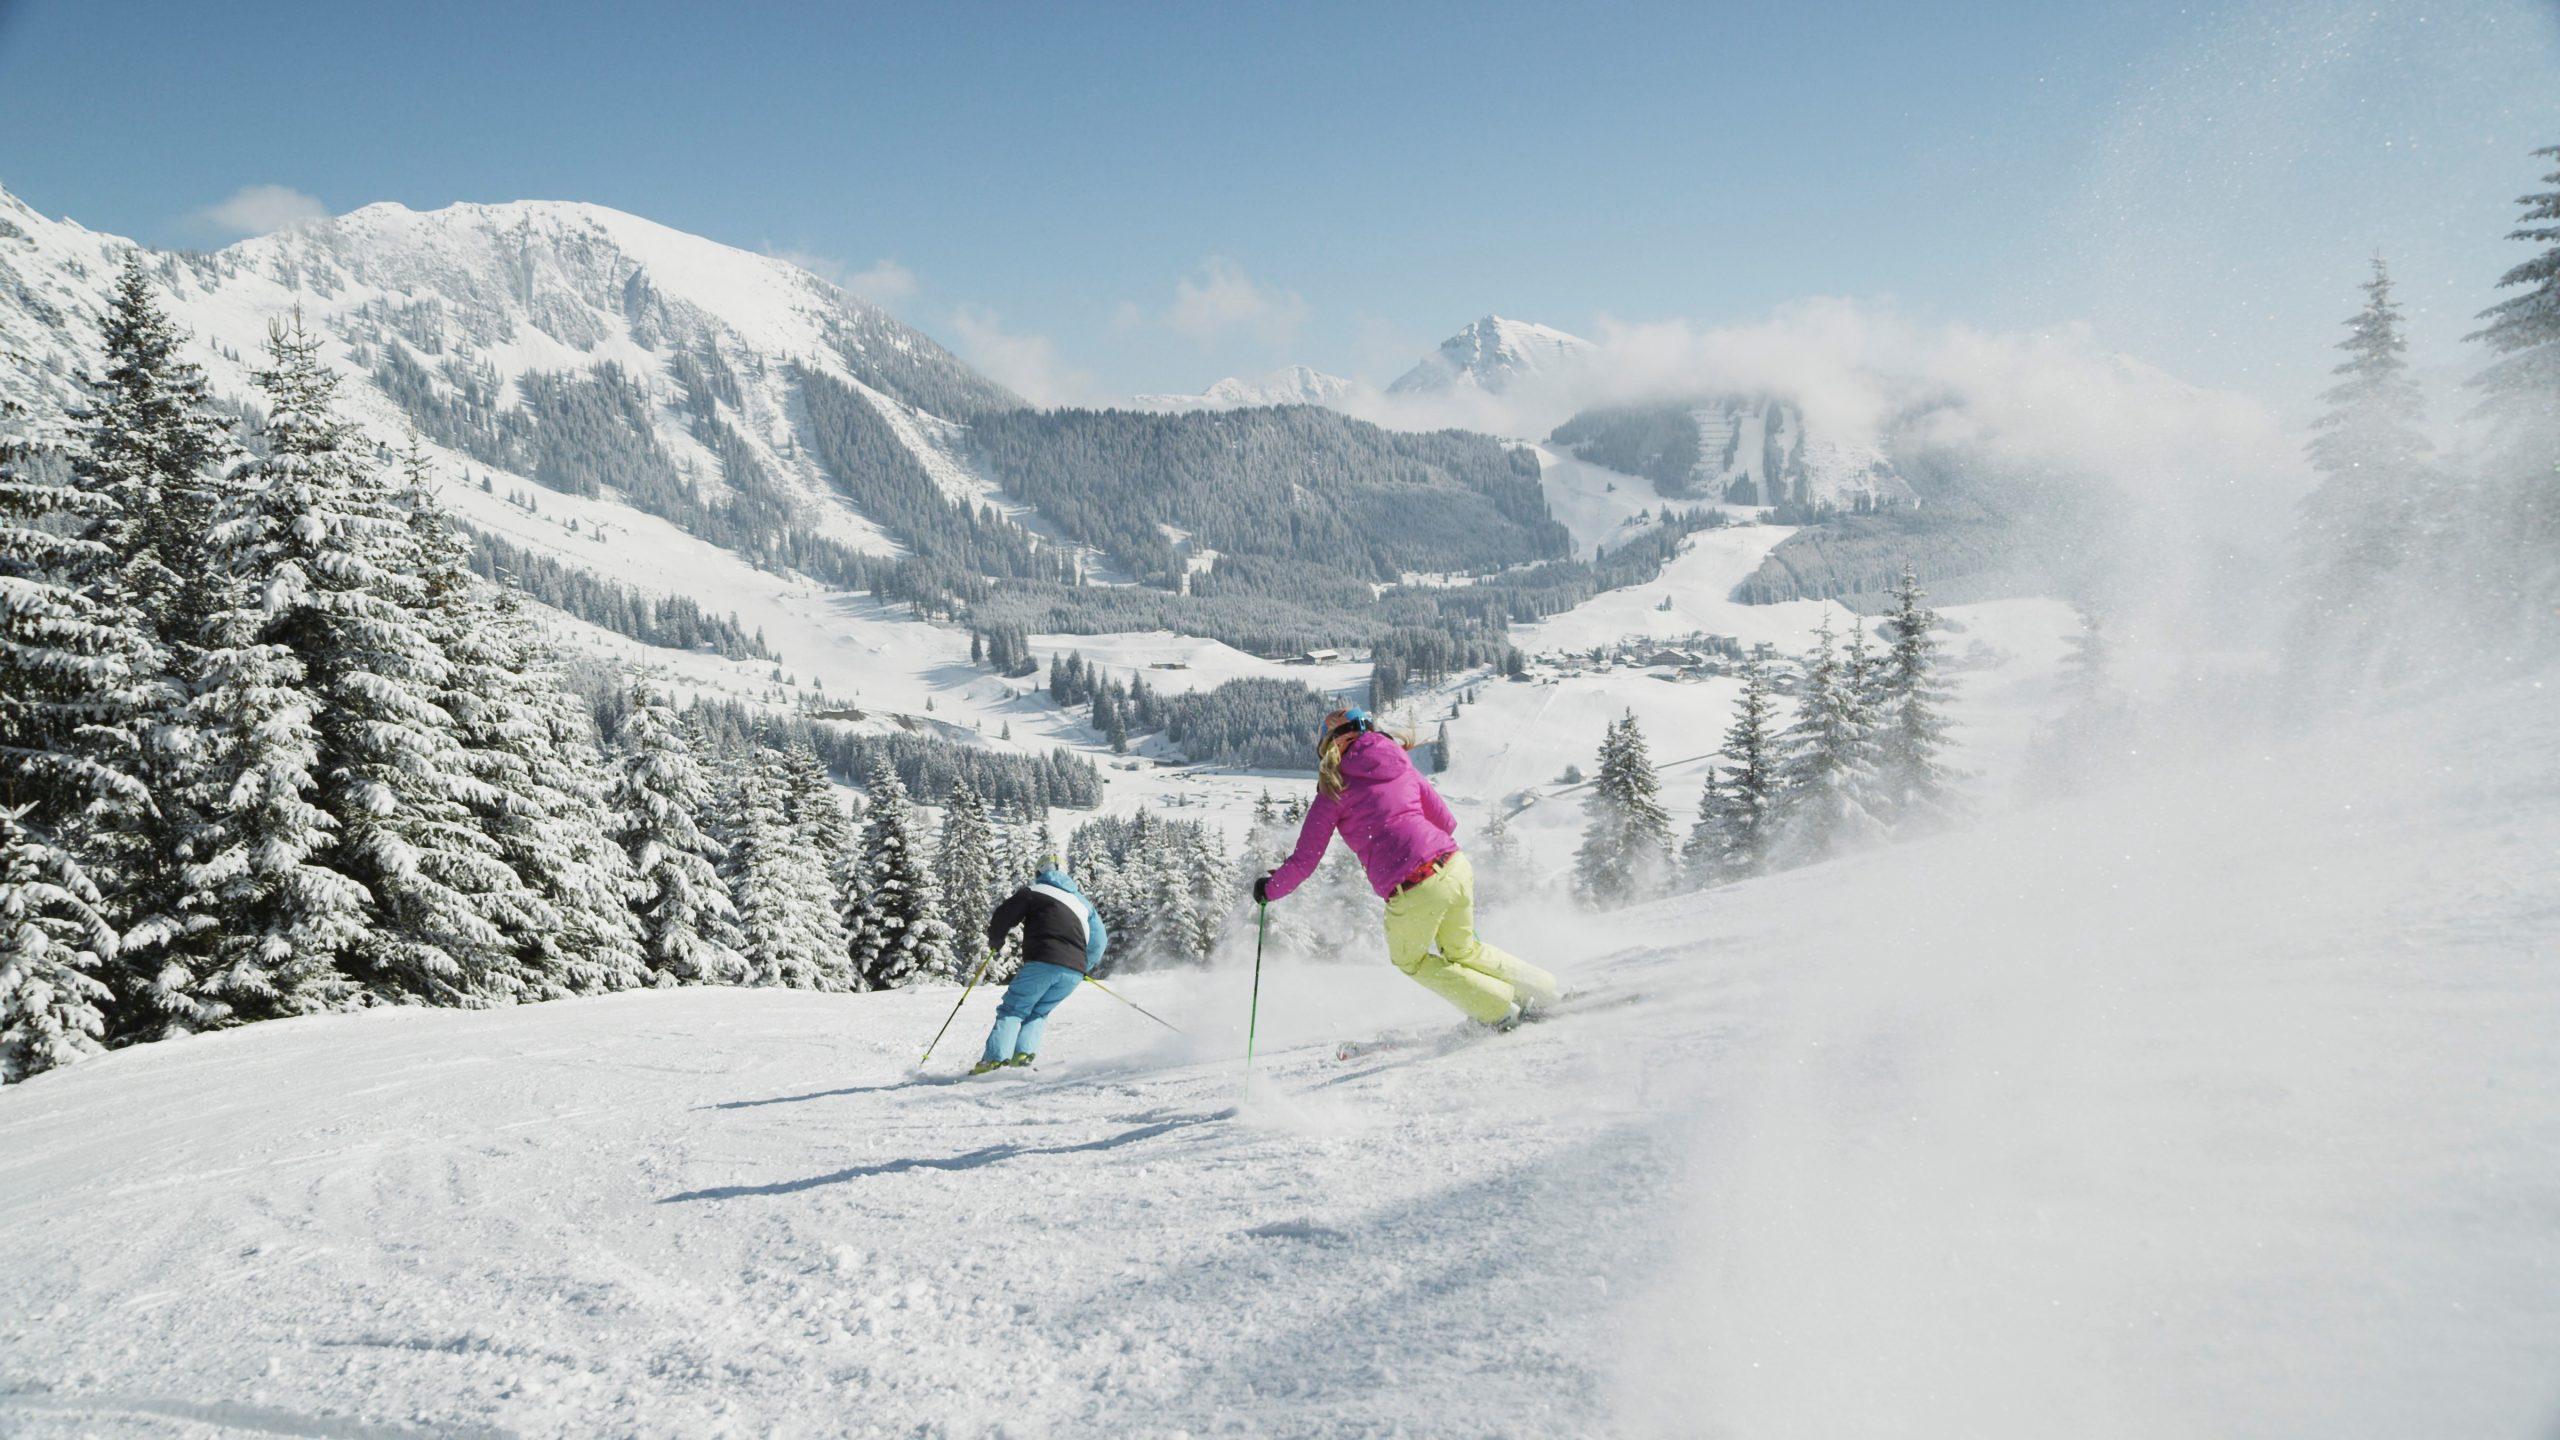 Die Skiarena Berwang bietet ihren Gästen 36 km Pisten in allen Schwierigkeitsgraden.